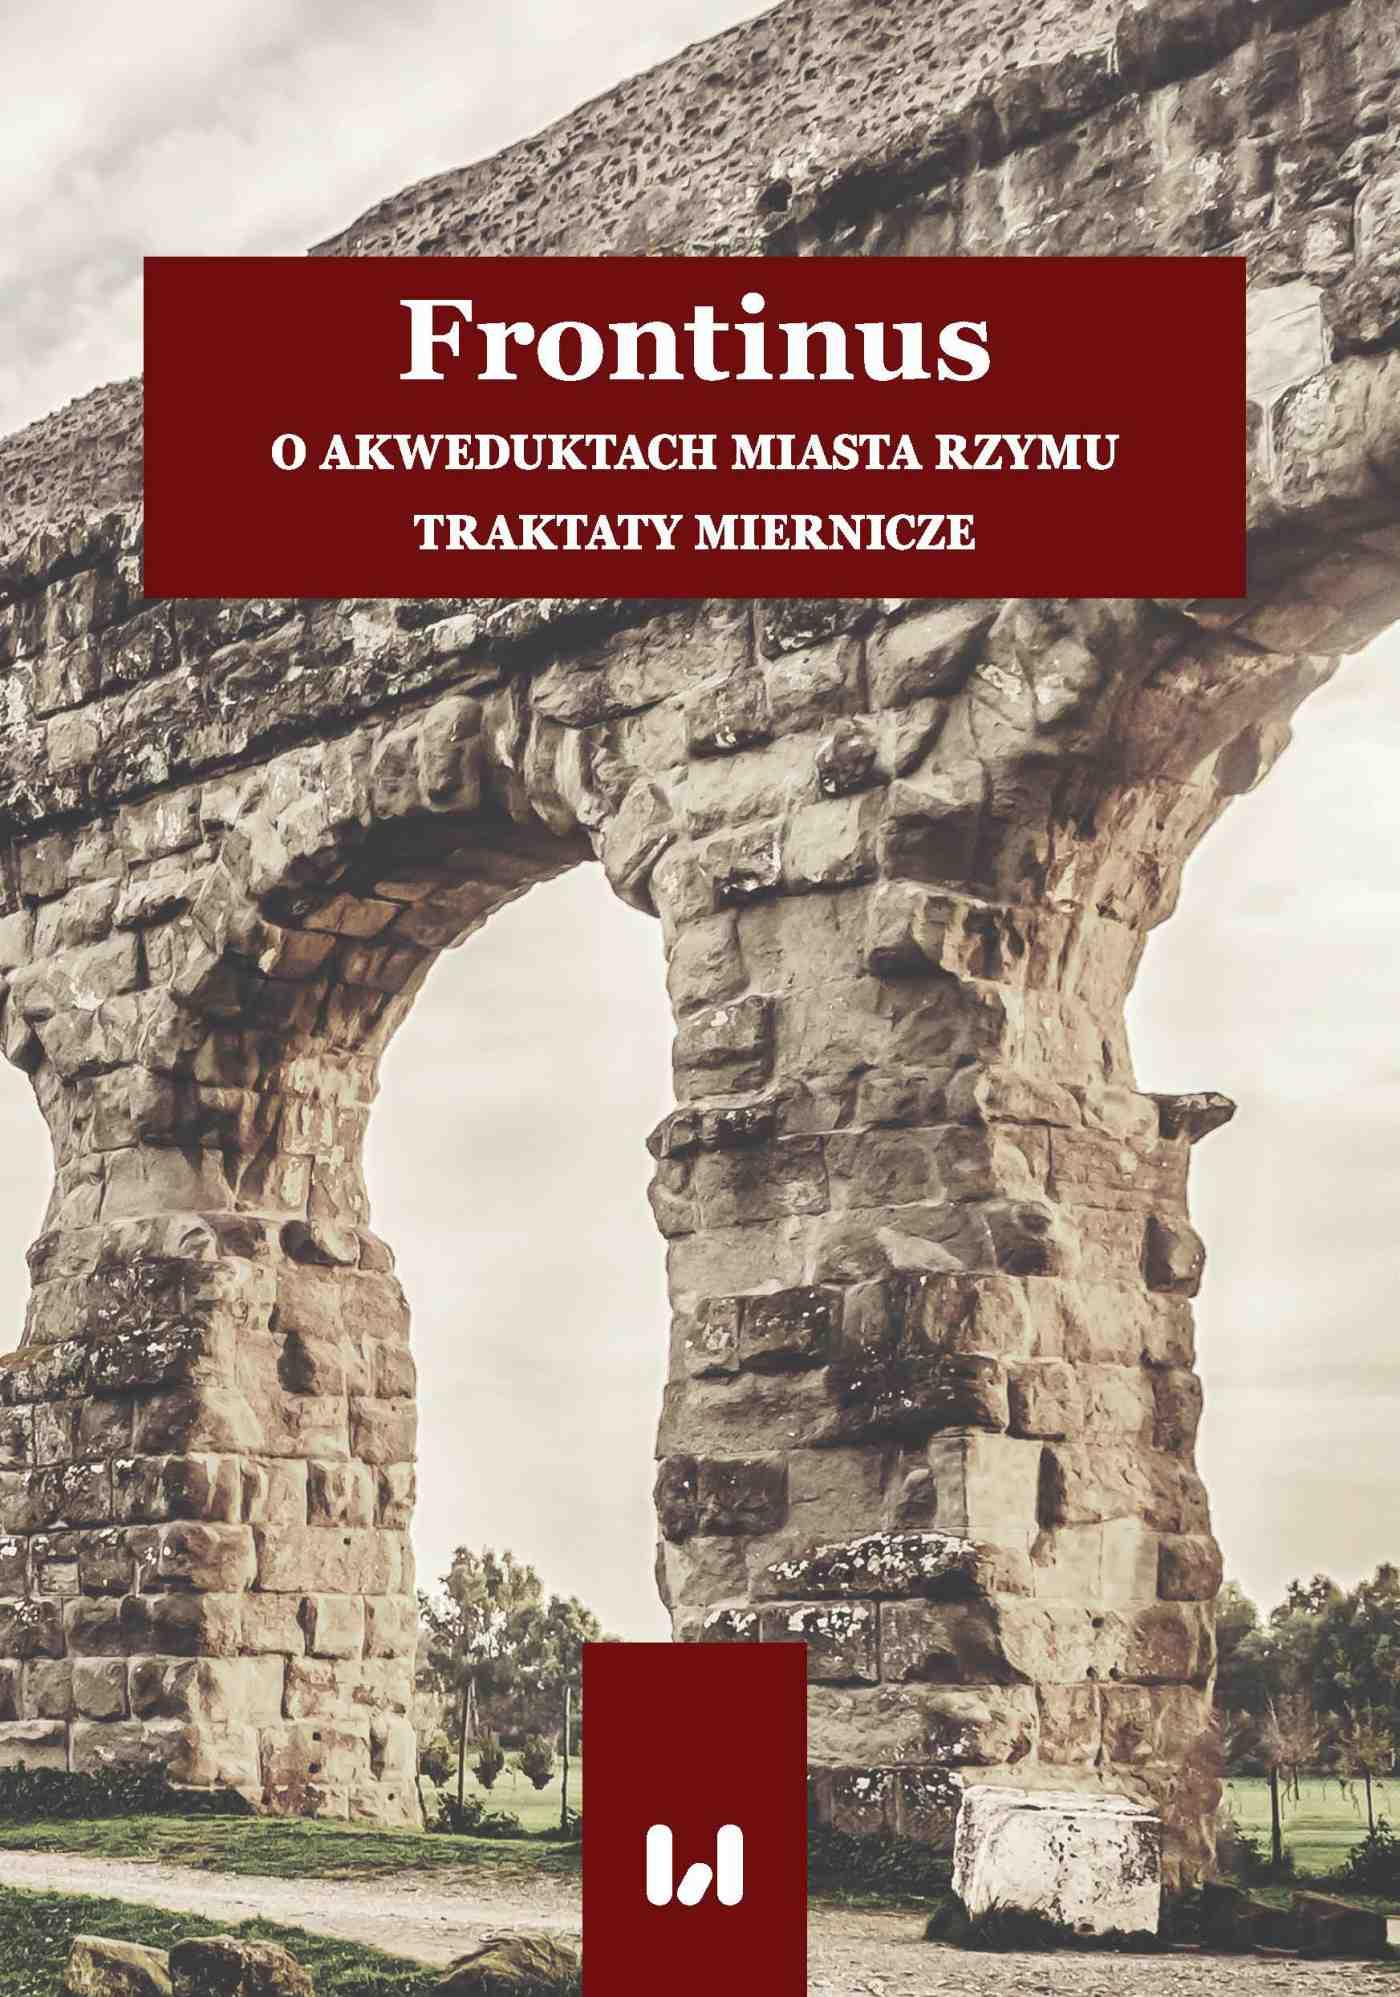 Frontinus. O akweduktach miasta Rzymu. Traktaty miernicze - Ebook (Książka PDF) do pobrania w formacie PDF